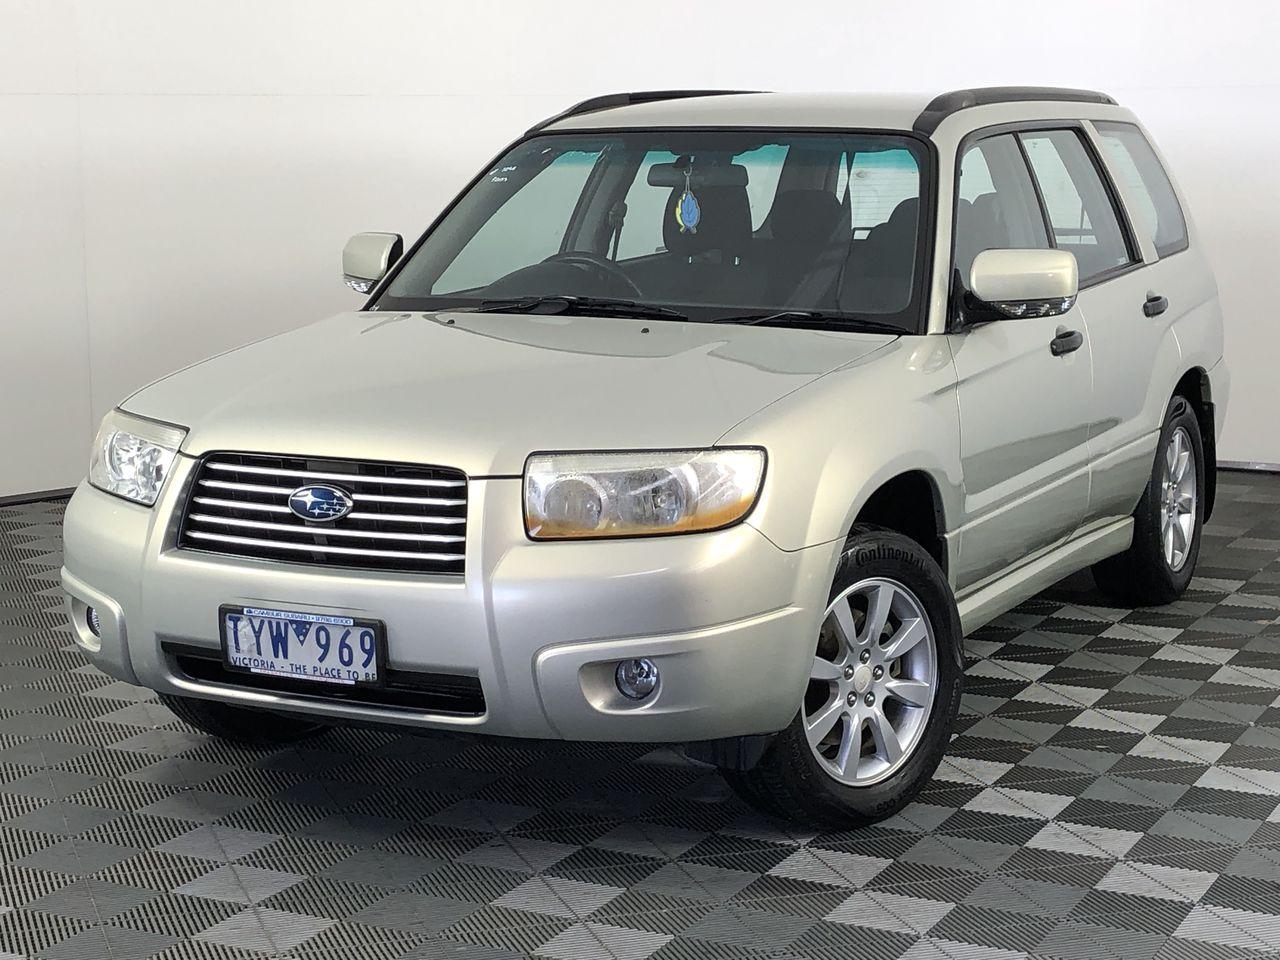 2006 Subaru Forester XS Automatic Wagon